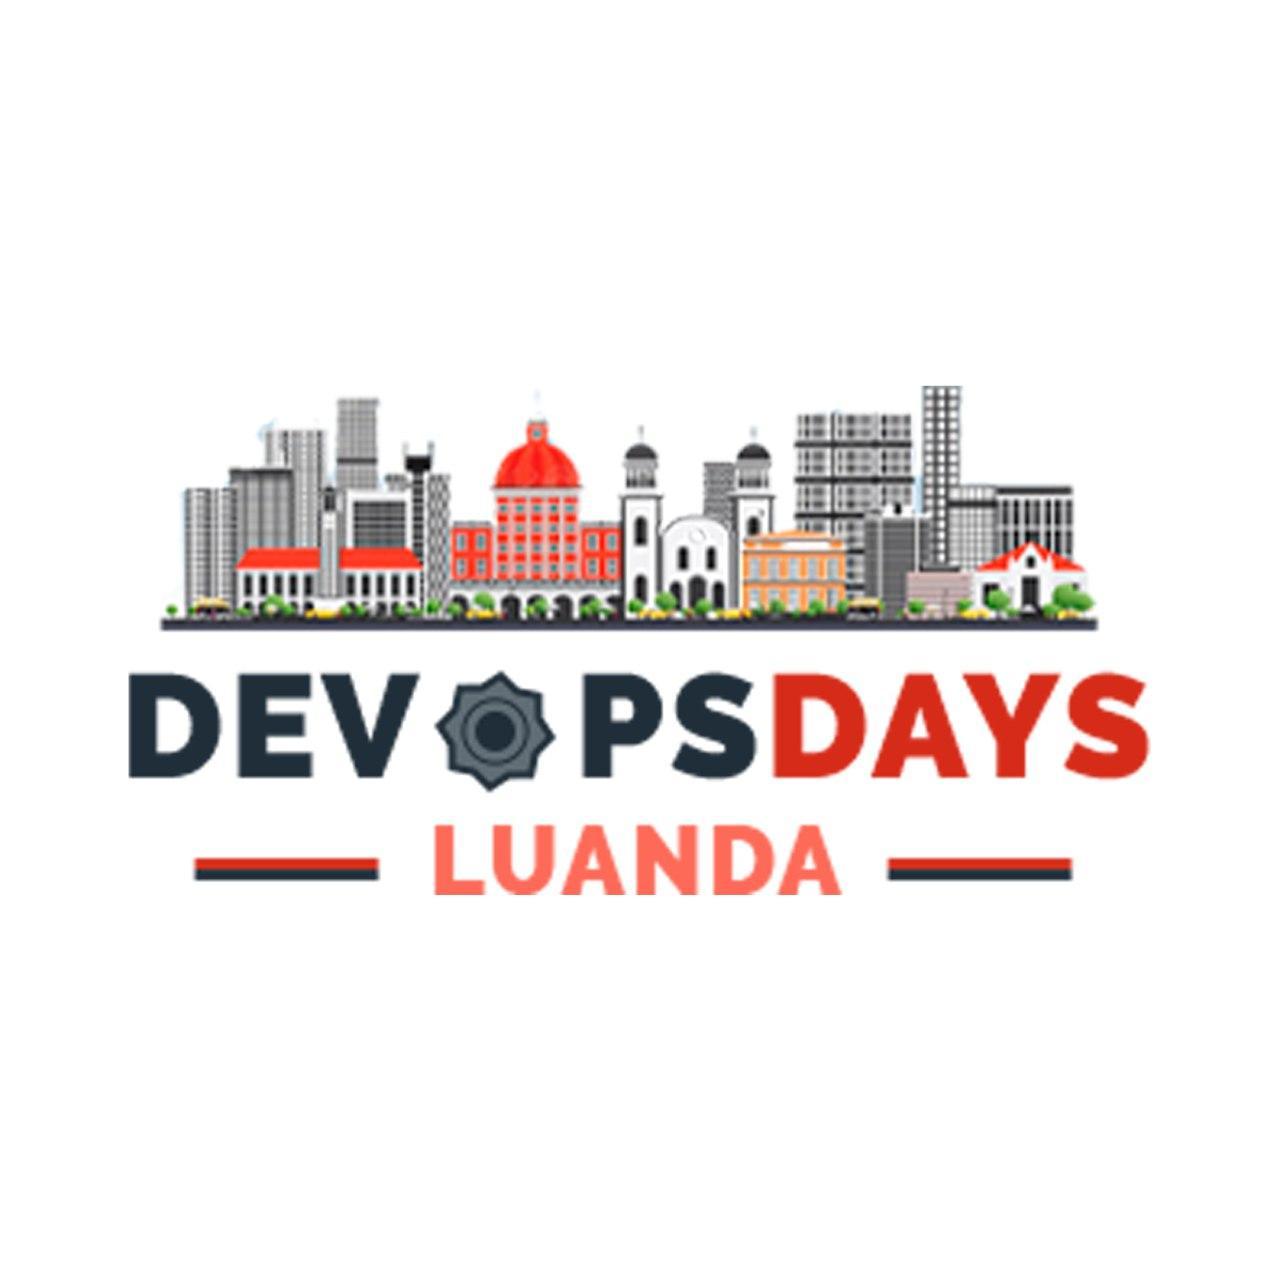 devopsdays Luanda 2020